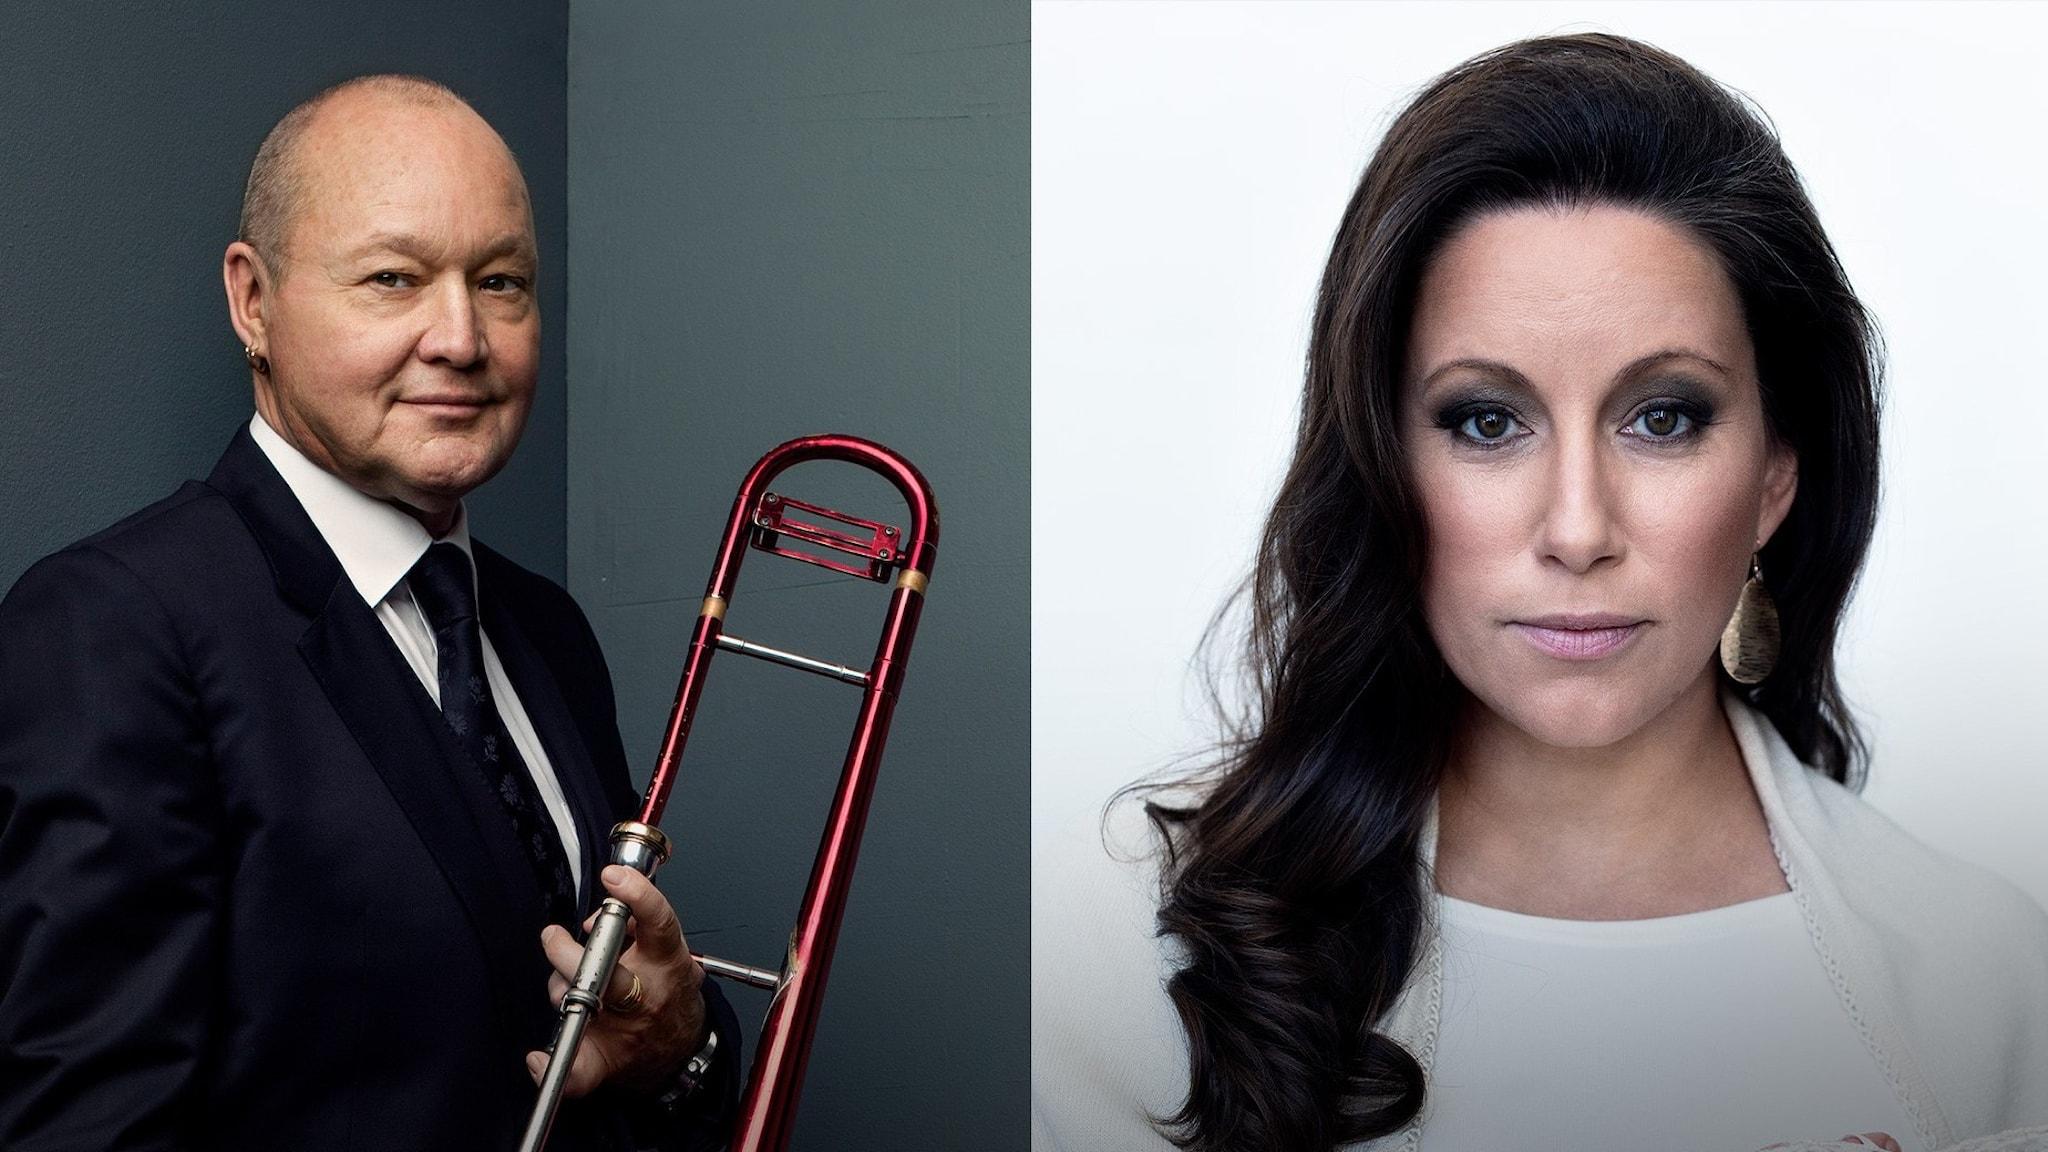 Bild: Nils Landgren och Lisa Nilsson.